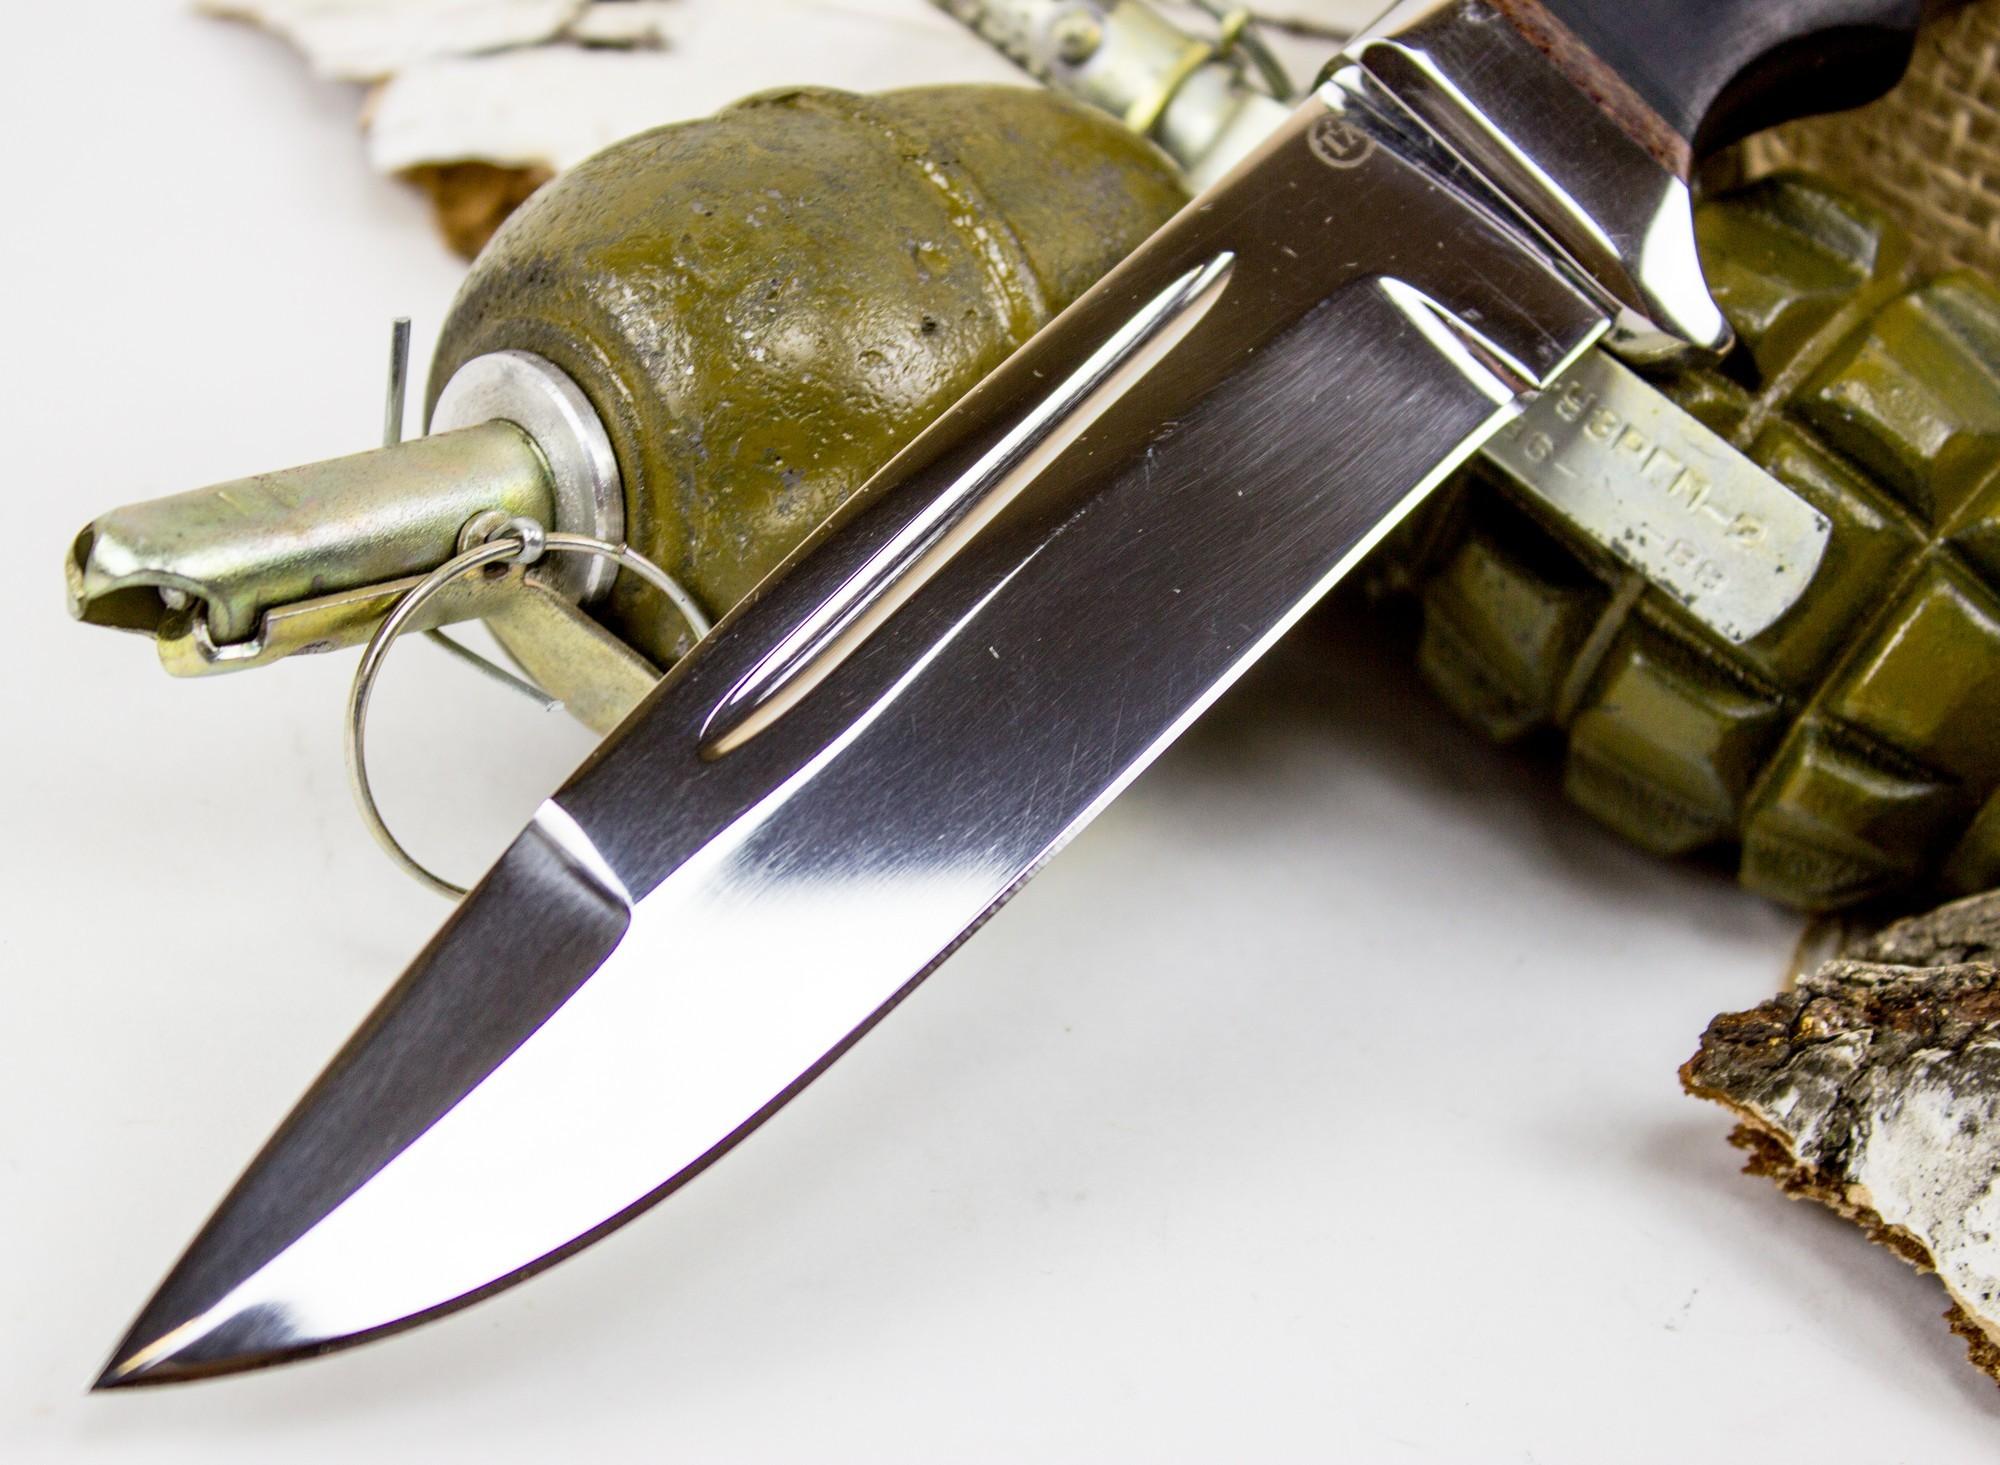 Фото 7 - Нож Солдат-1, сталь 95х18, граб от Титов и Солдатова